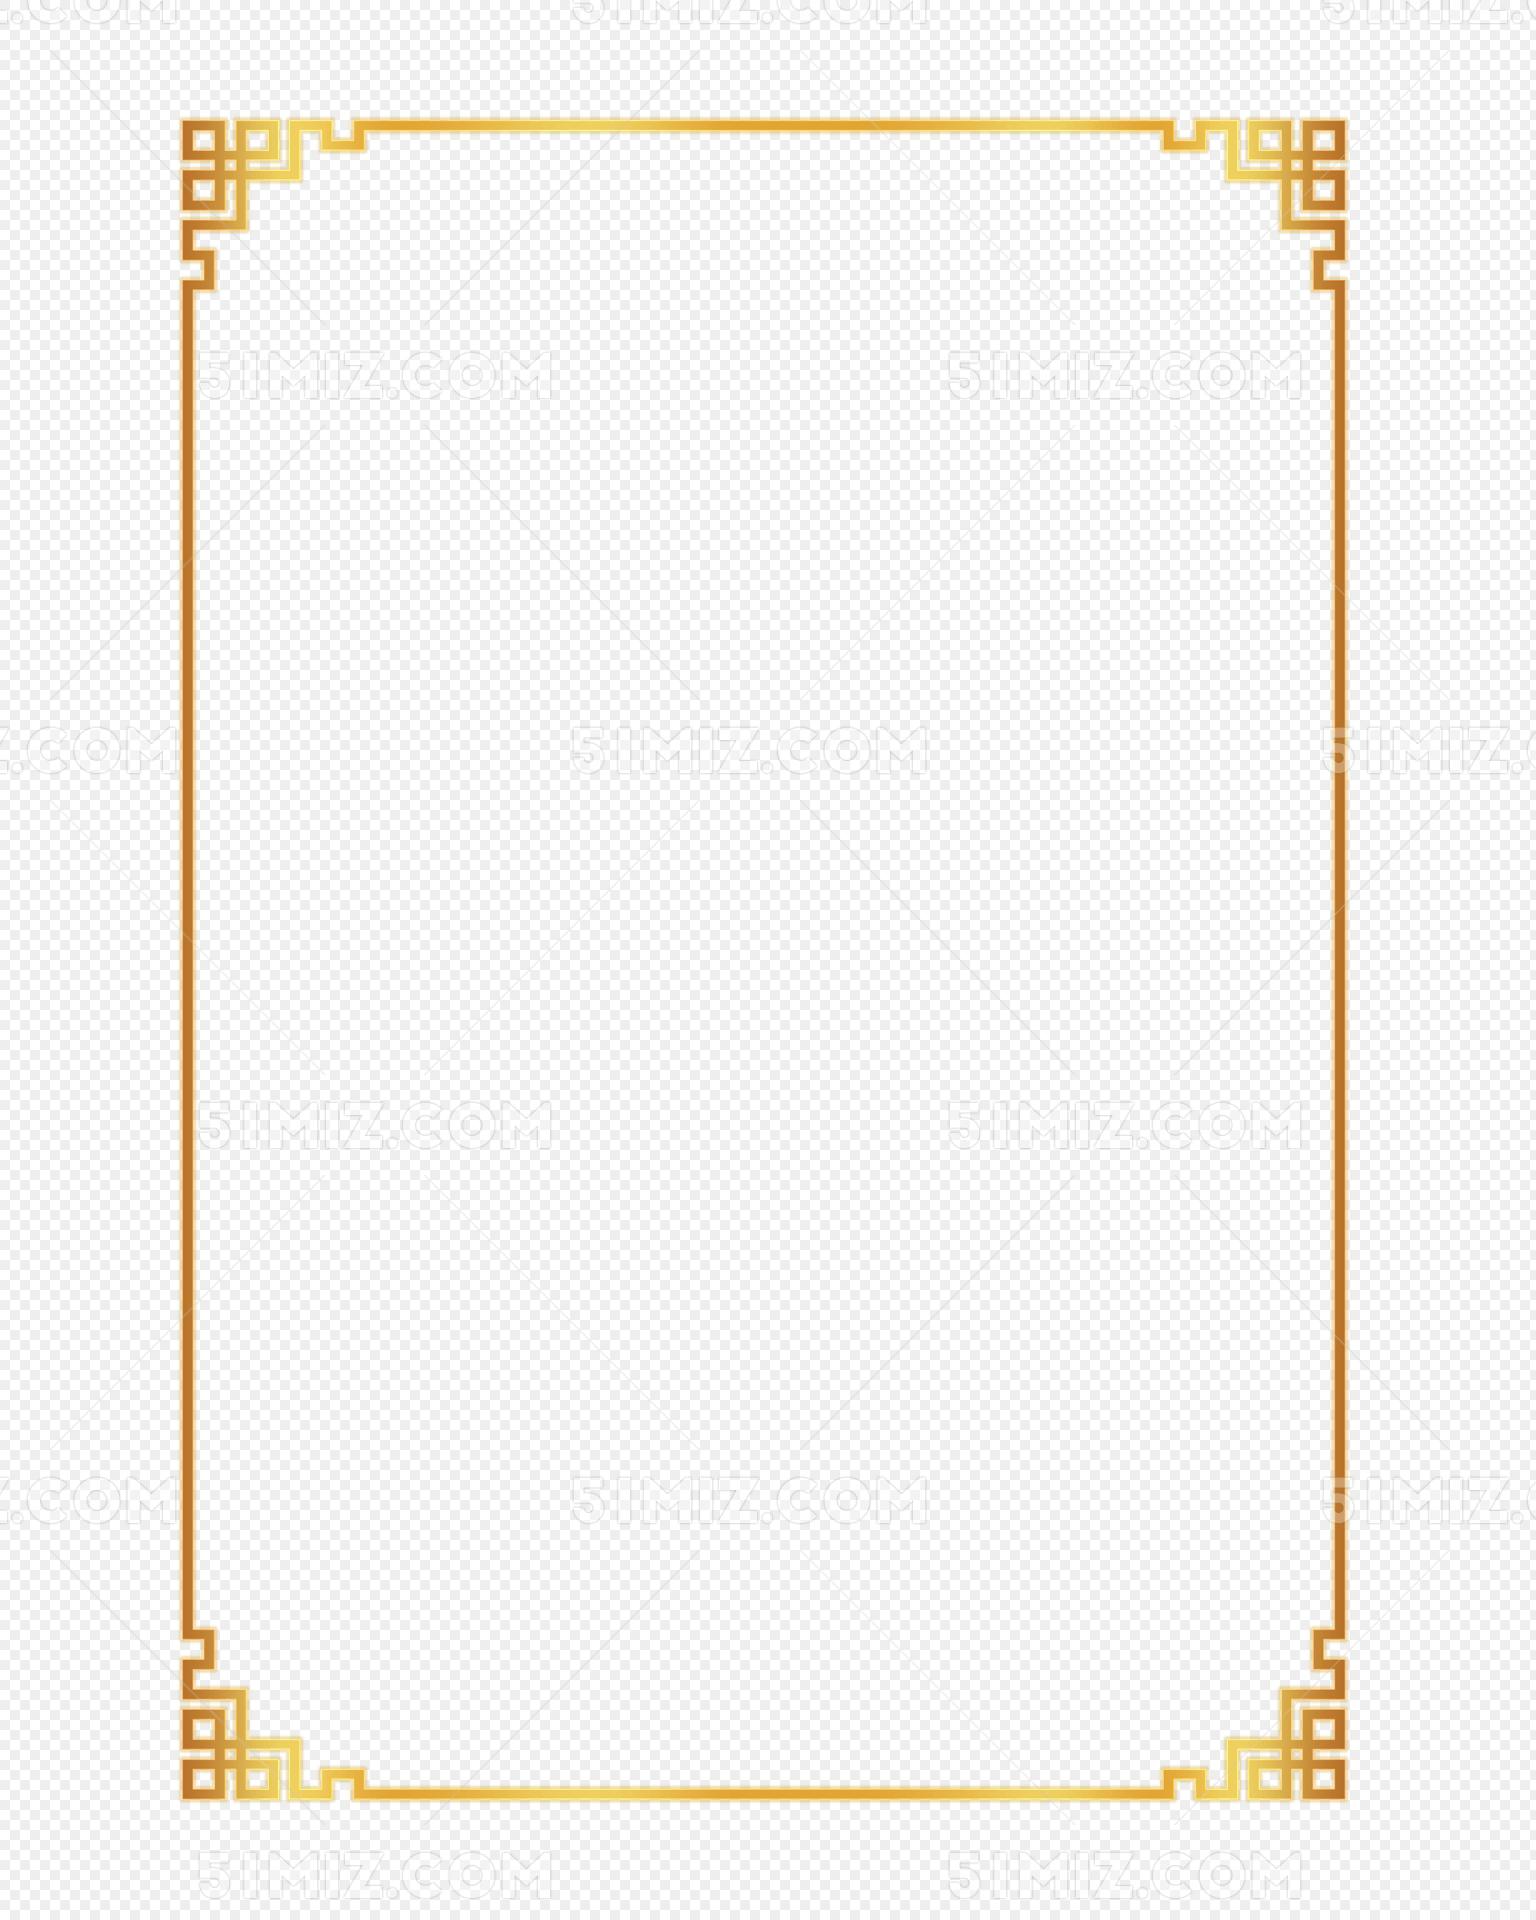 金色中国风花纹边框古画边框部分边